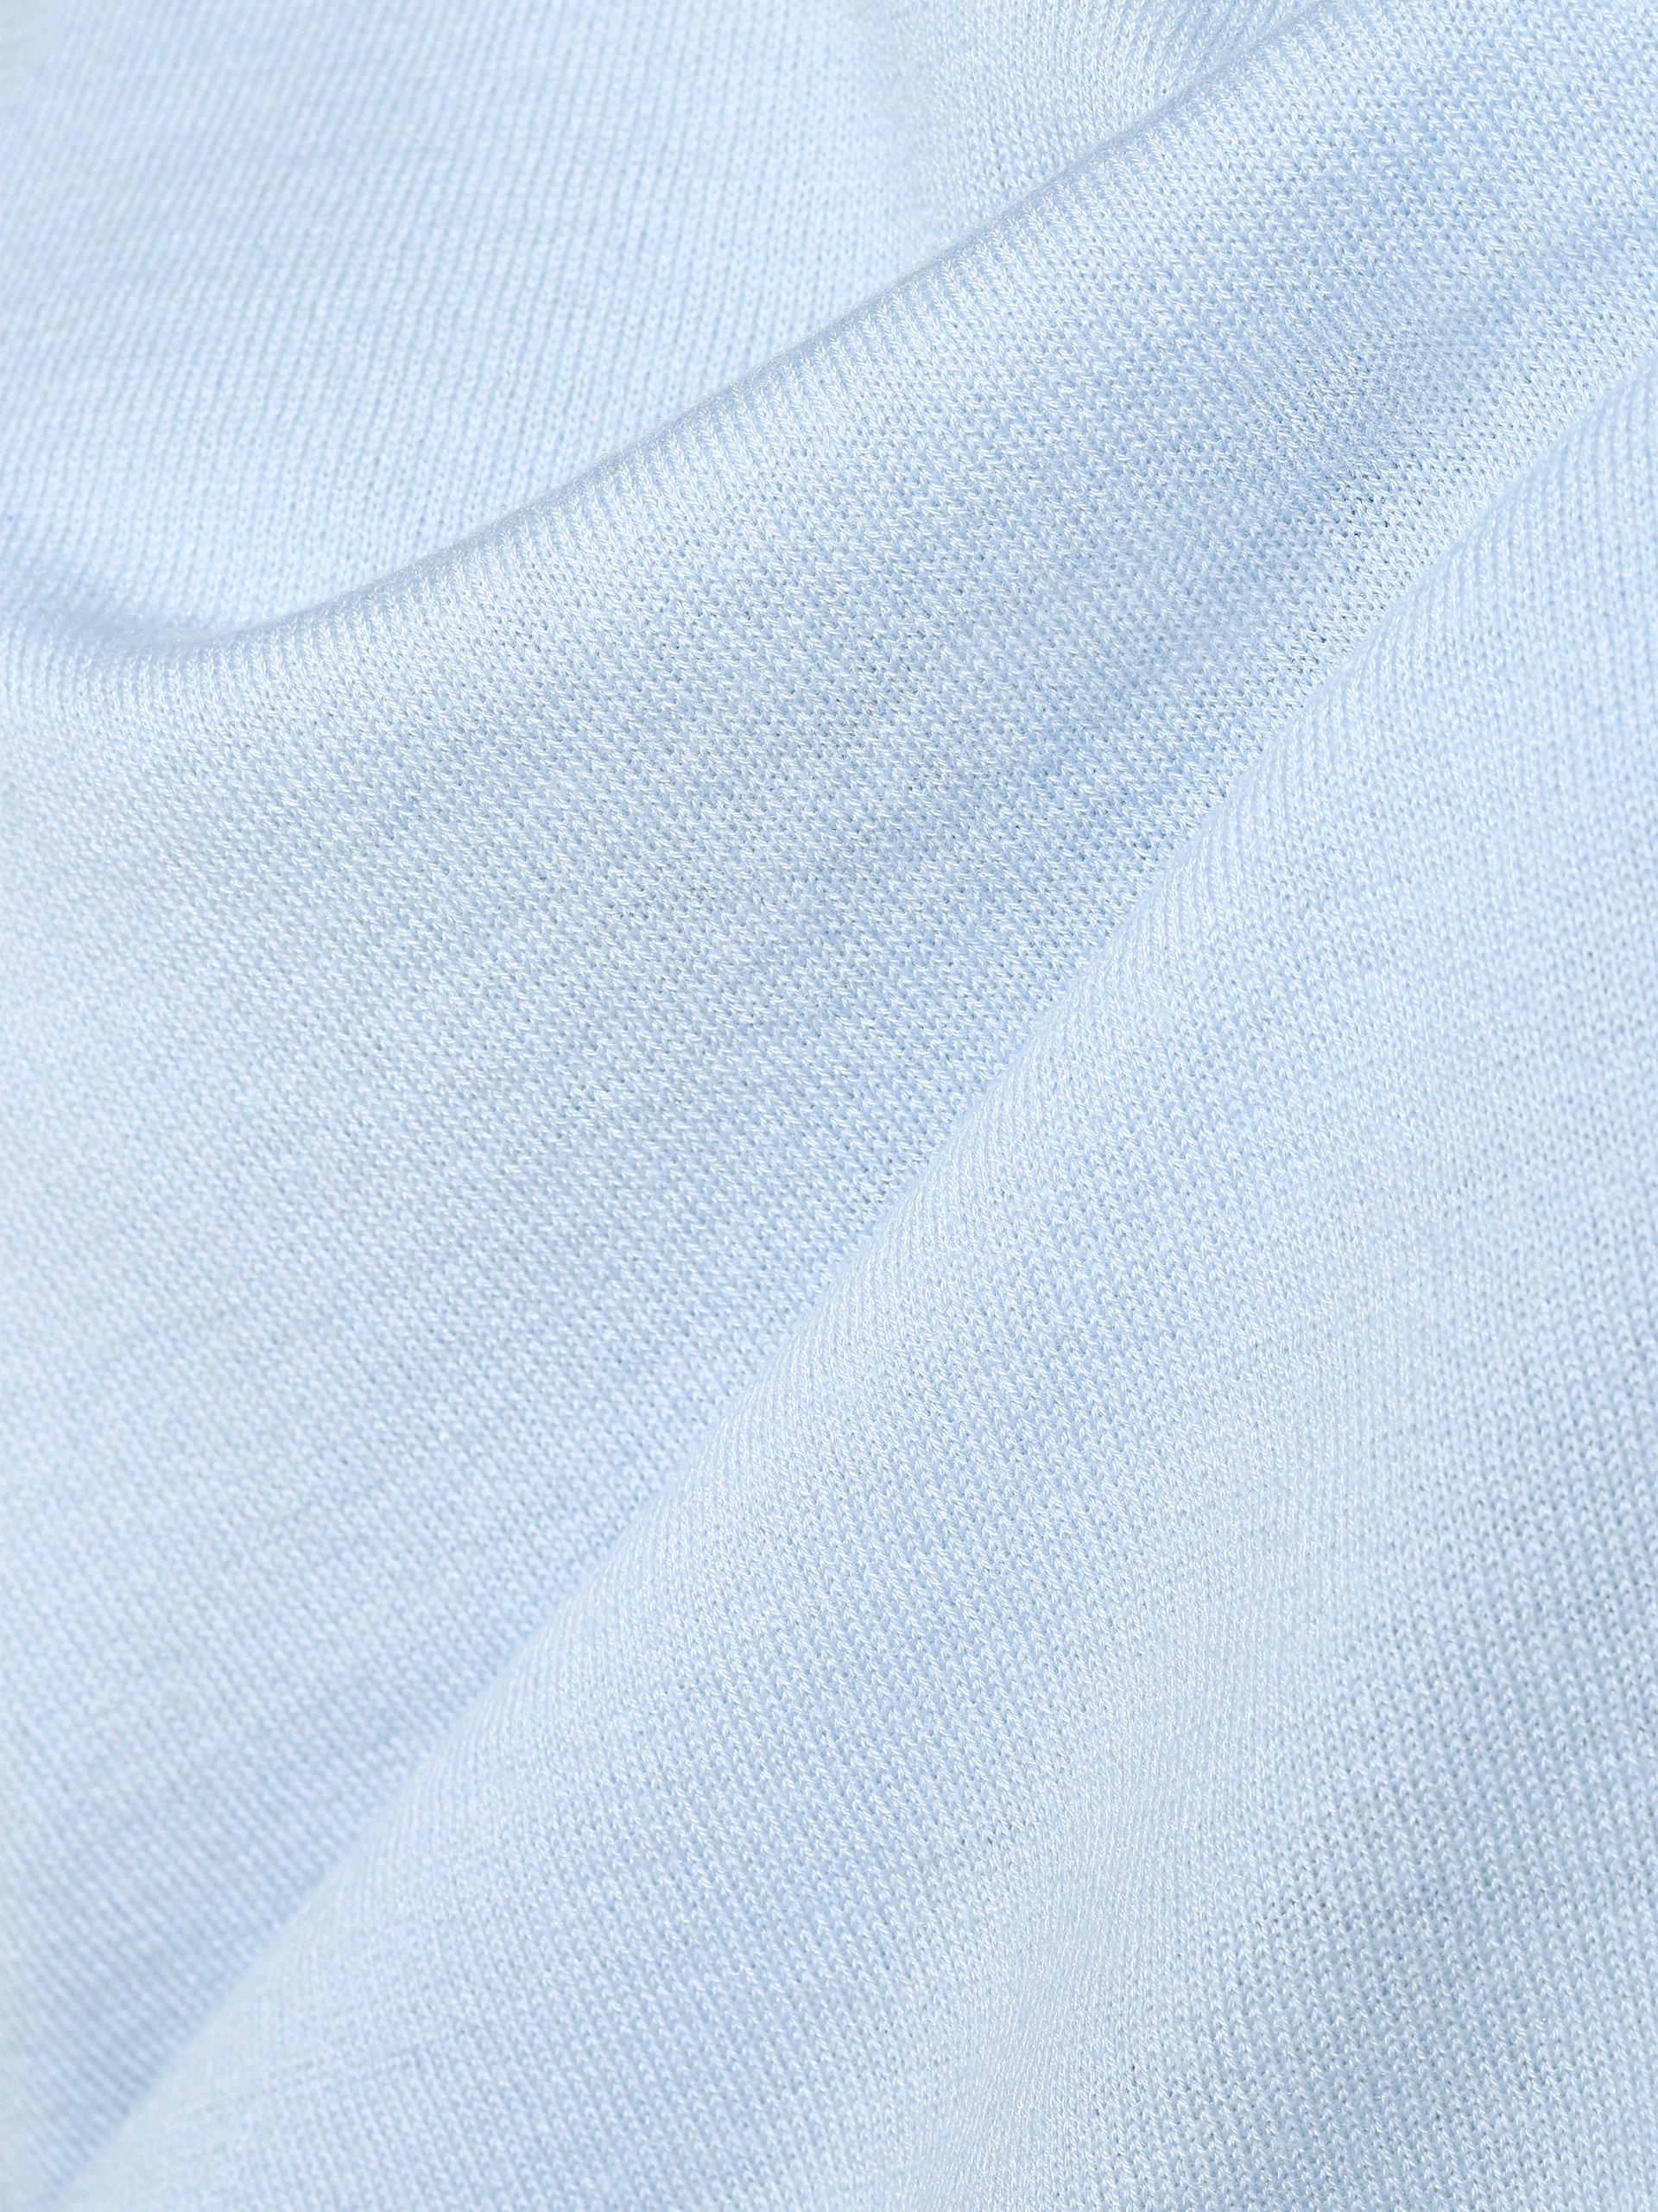 Marc Cain Collections Damen Pullover mit Cashmere- und Seiden-Anteil